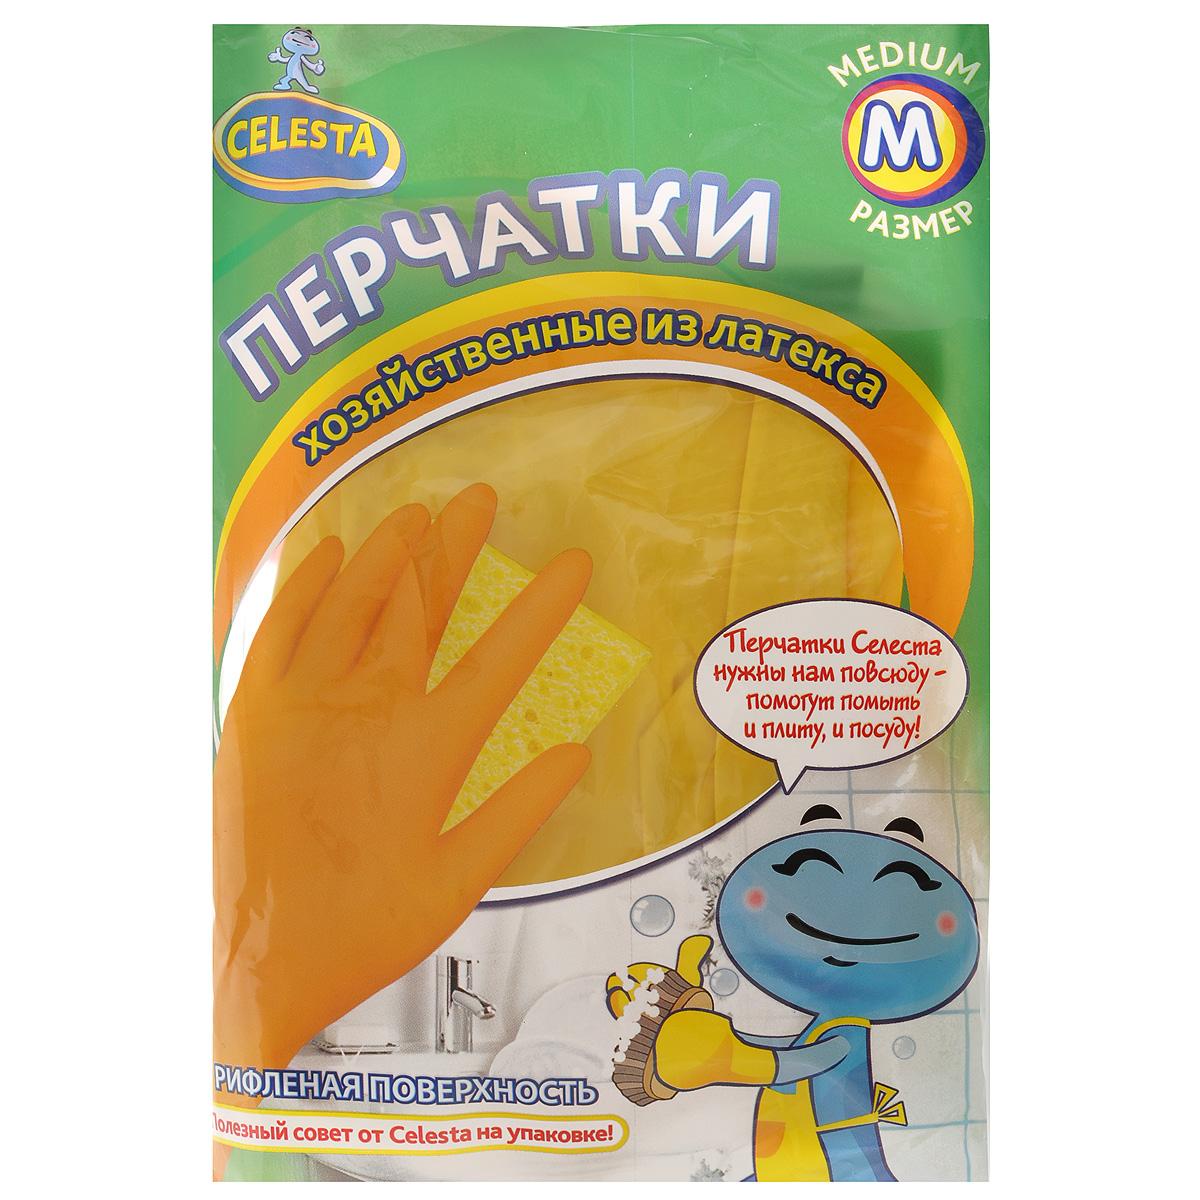 Перчатки хозяйственные Celesta, цвет: желтый. Размер МES-412Универсальные перчатки Celesta произведены из высококачественного латекса, рифленая поверхность позволяет удерживать мокрые предметы. Перчатки подходят для различных видов домашних работ. Перчатки эластичны, хорошо облегают руку.